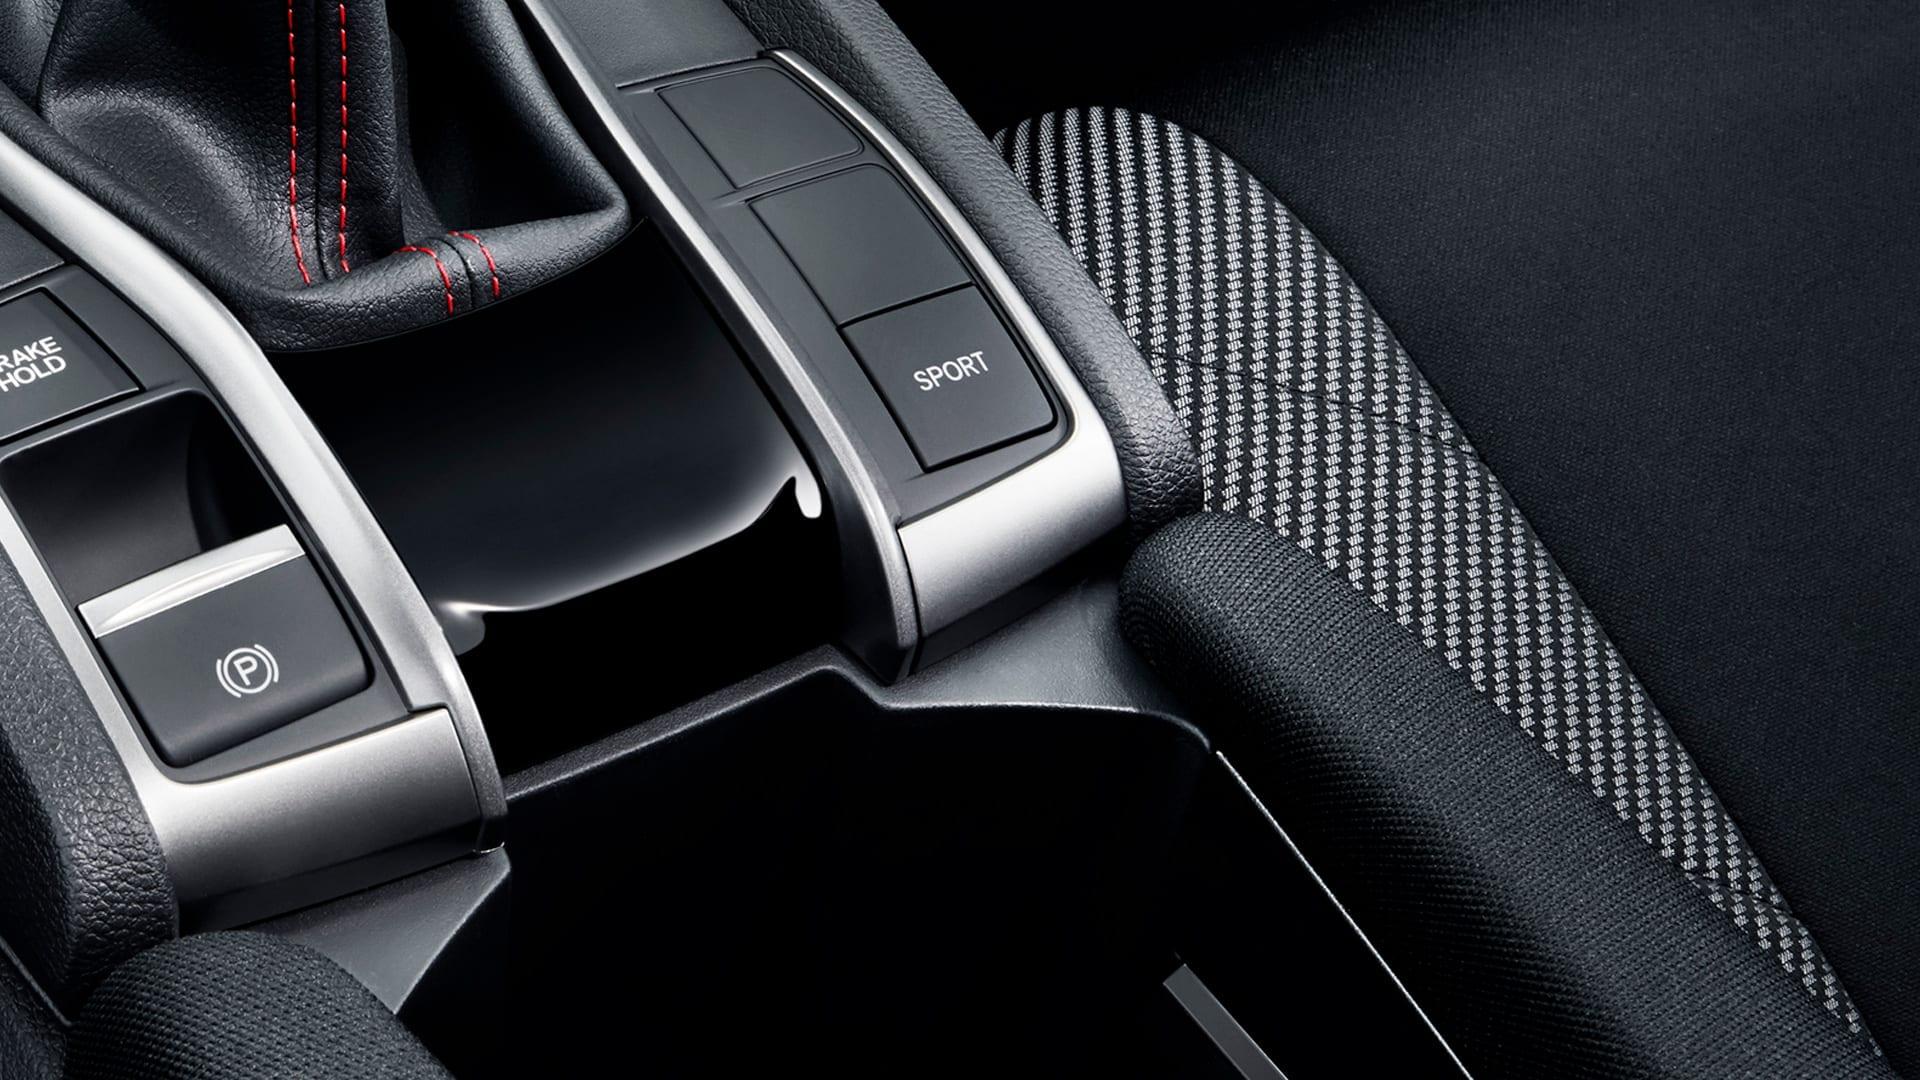 Civic SI - Modo de condução esportivo (tecla Sport) com sistema de amortecimento adaptativo